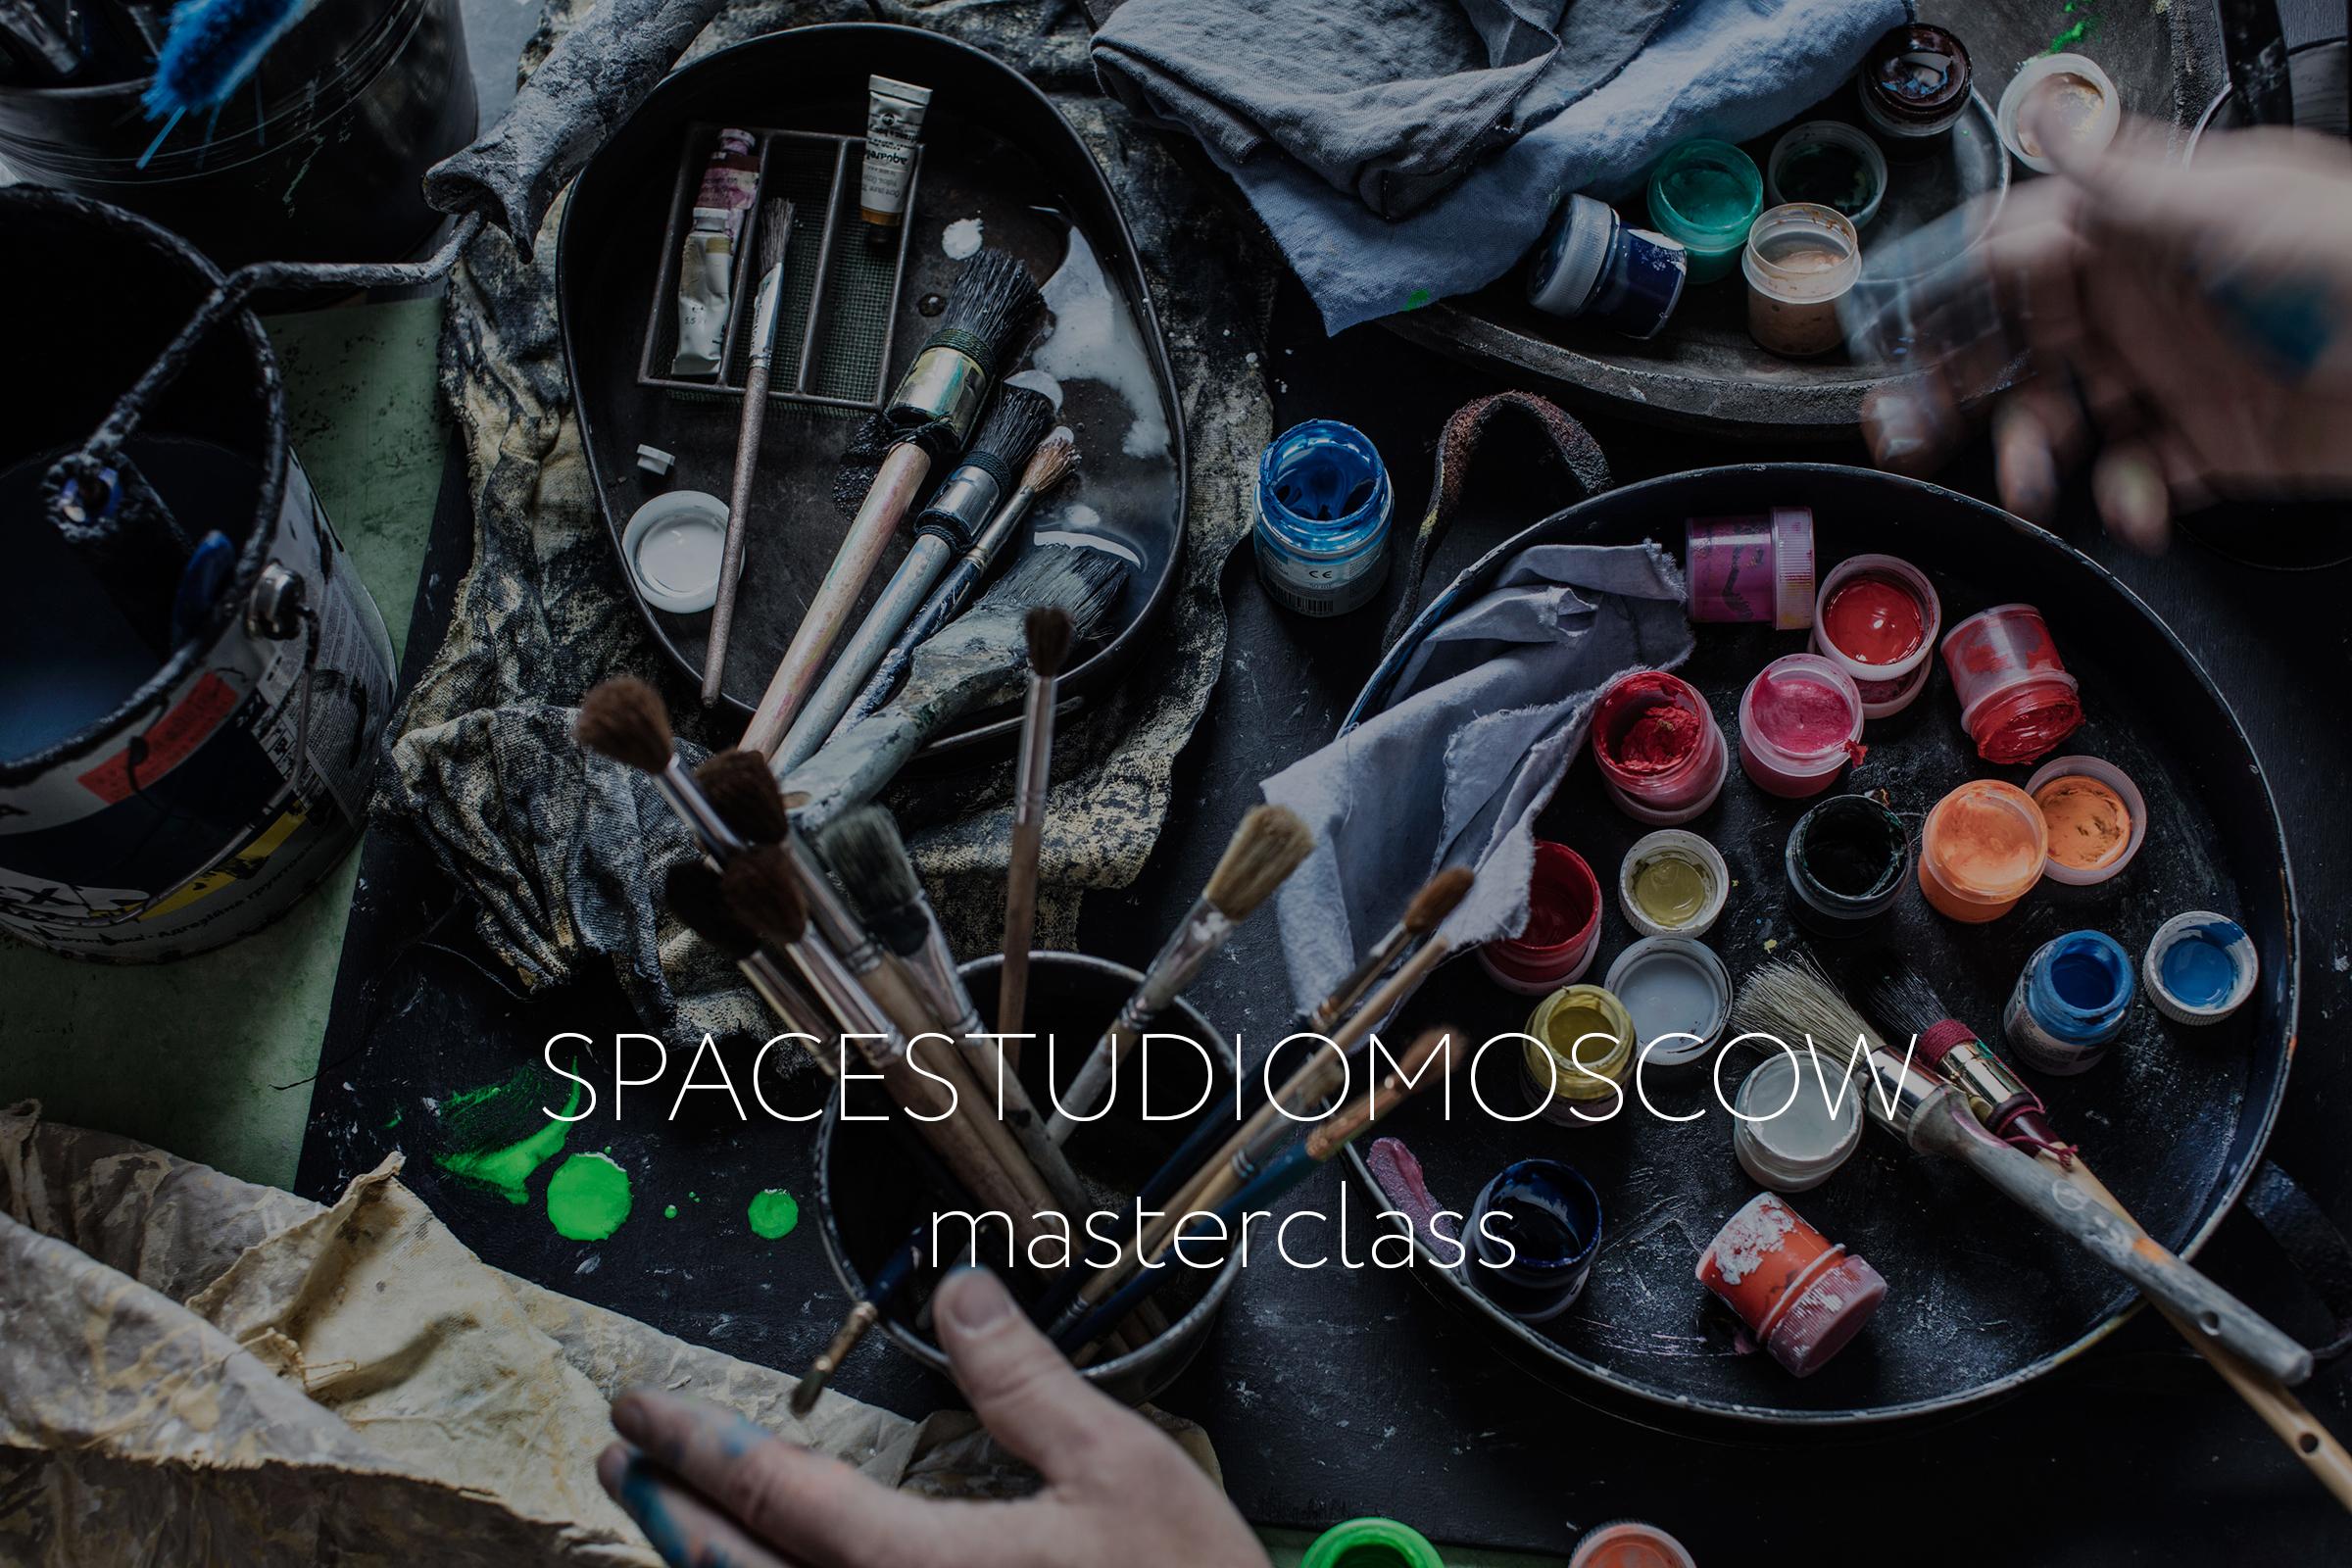 Фотостудия SPACESTUDIOMOCOW. Фуд-стилист и фотограф Слава Поздняков